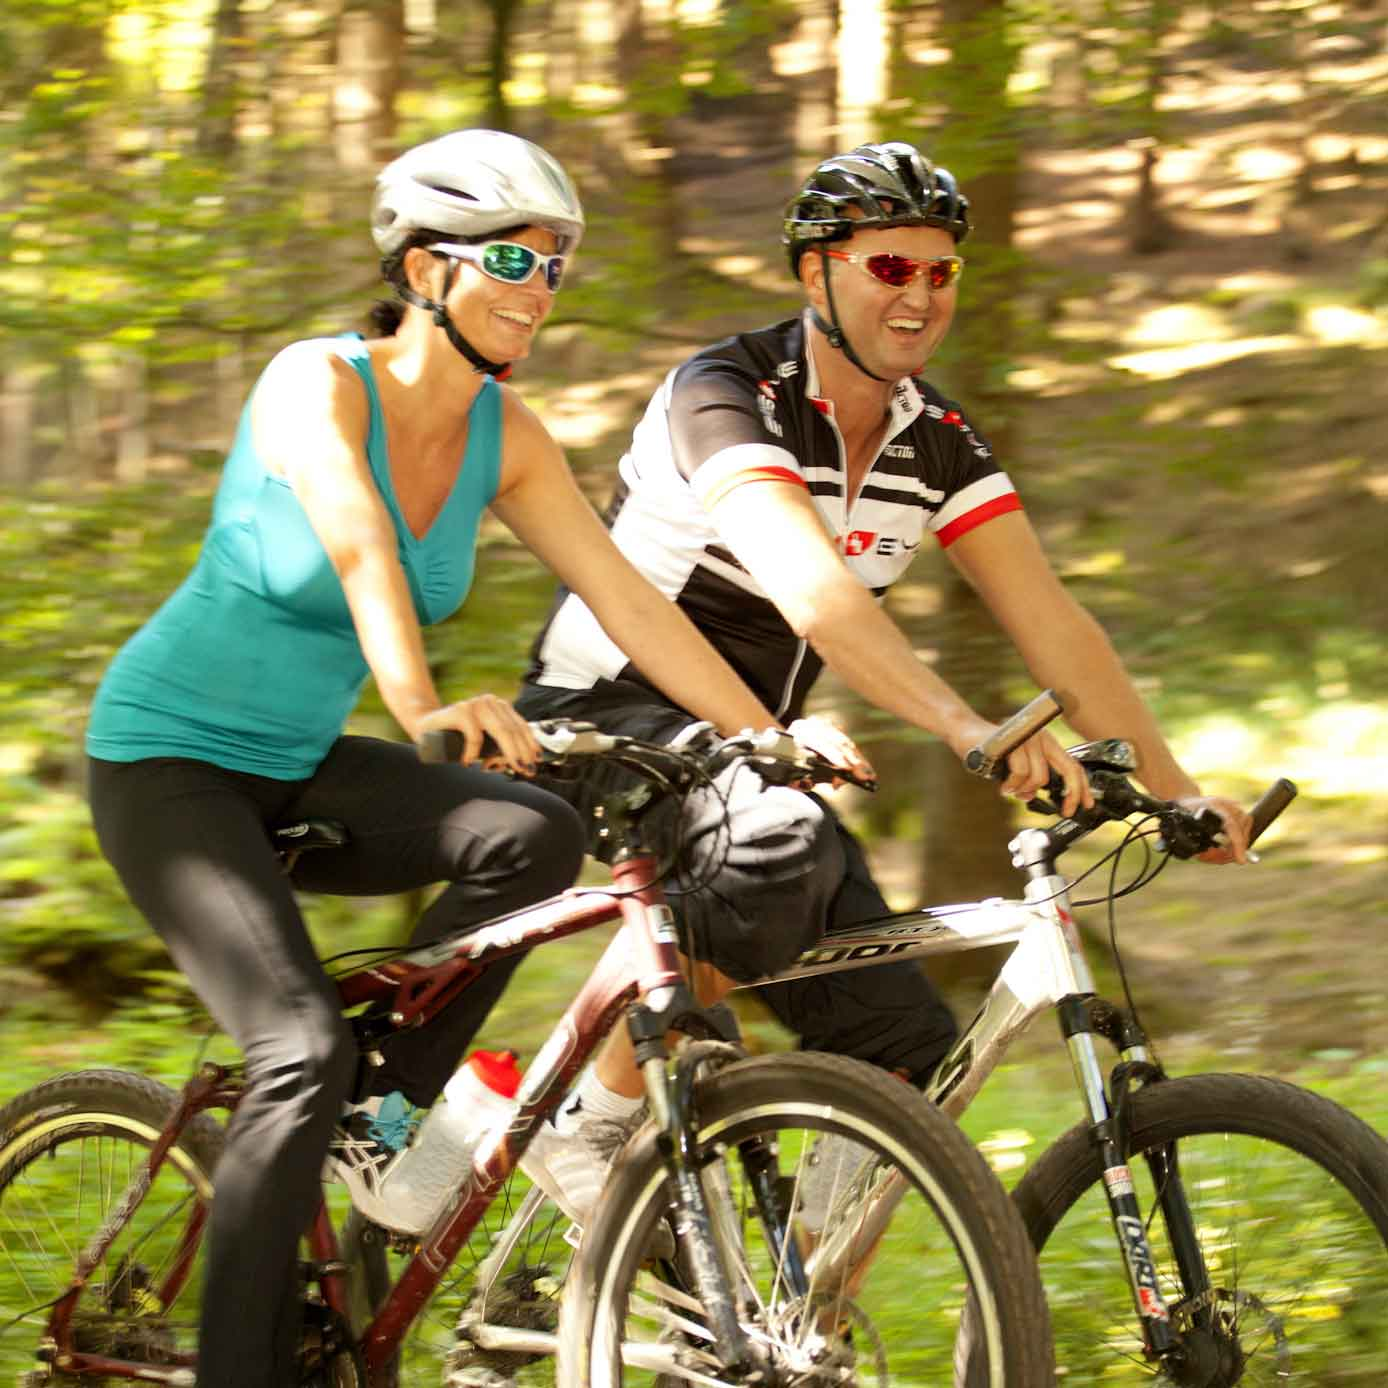 Swisseye: hochwertige Sportbrillen für Ihre nächste Fahrradtour